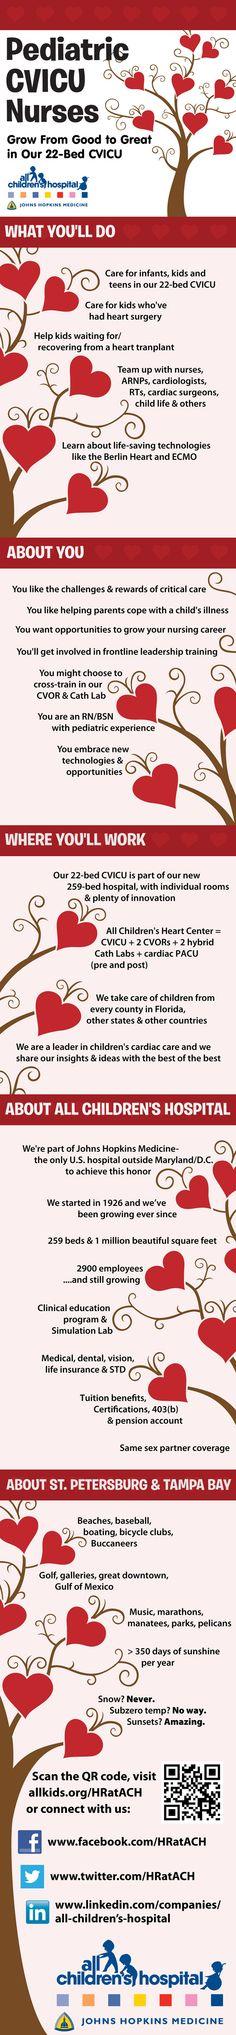 Johns Hopkins All Children's Hospital (allchildrens) on